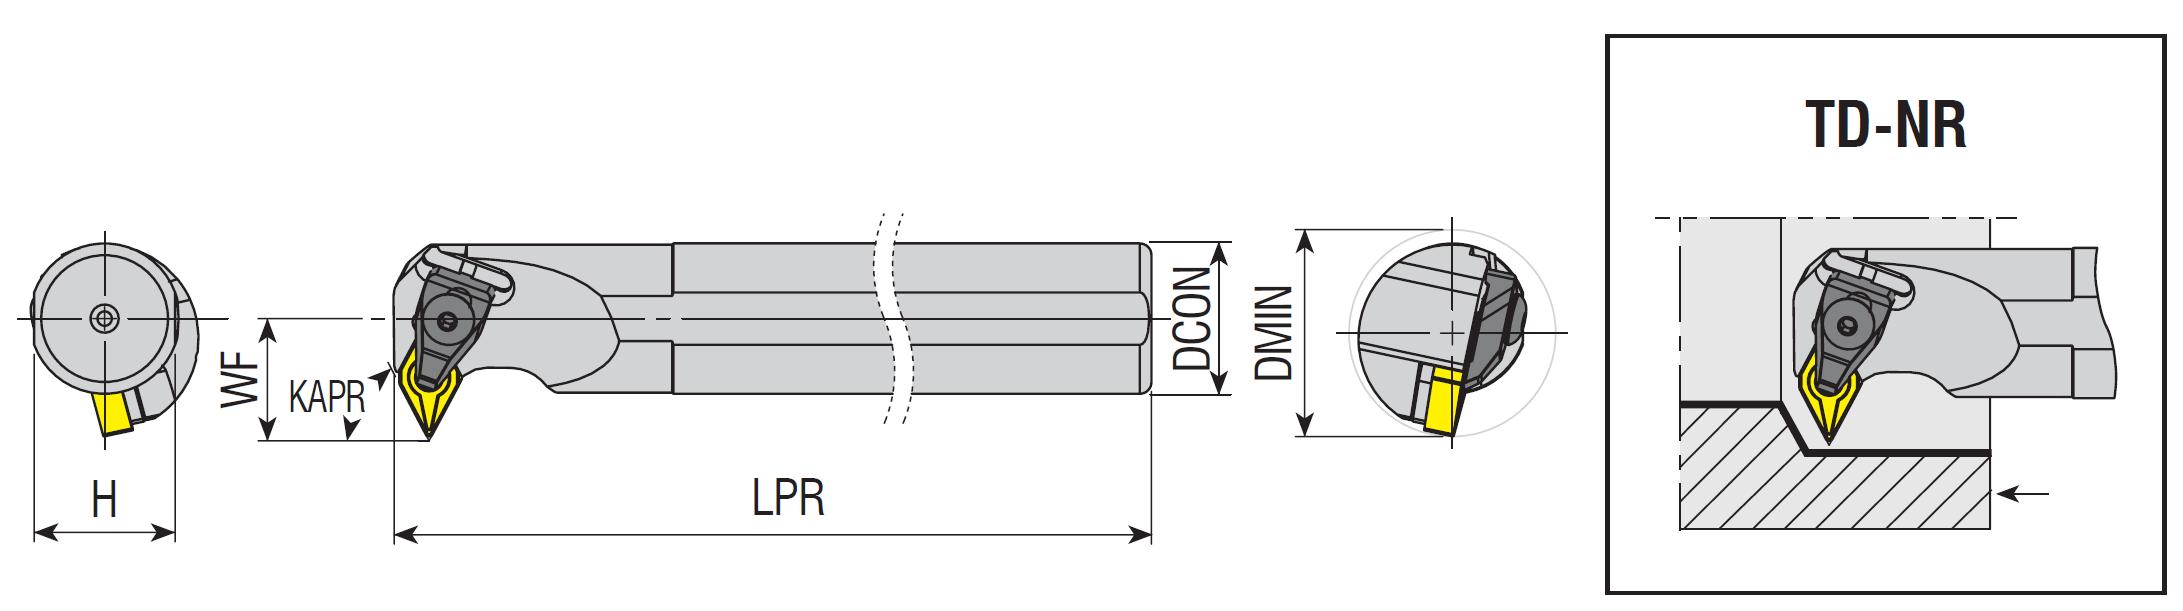 Bohrstangen TD-NR / TD-NL